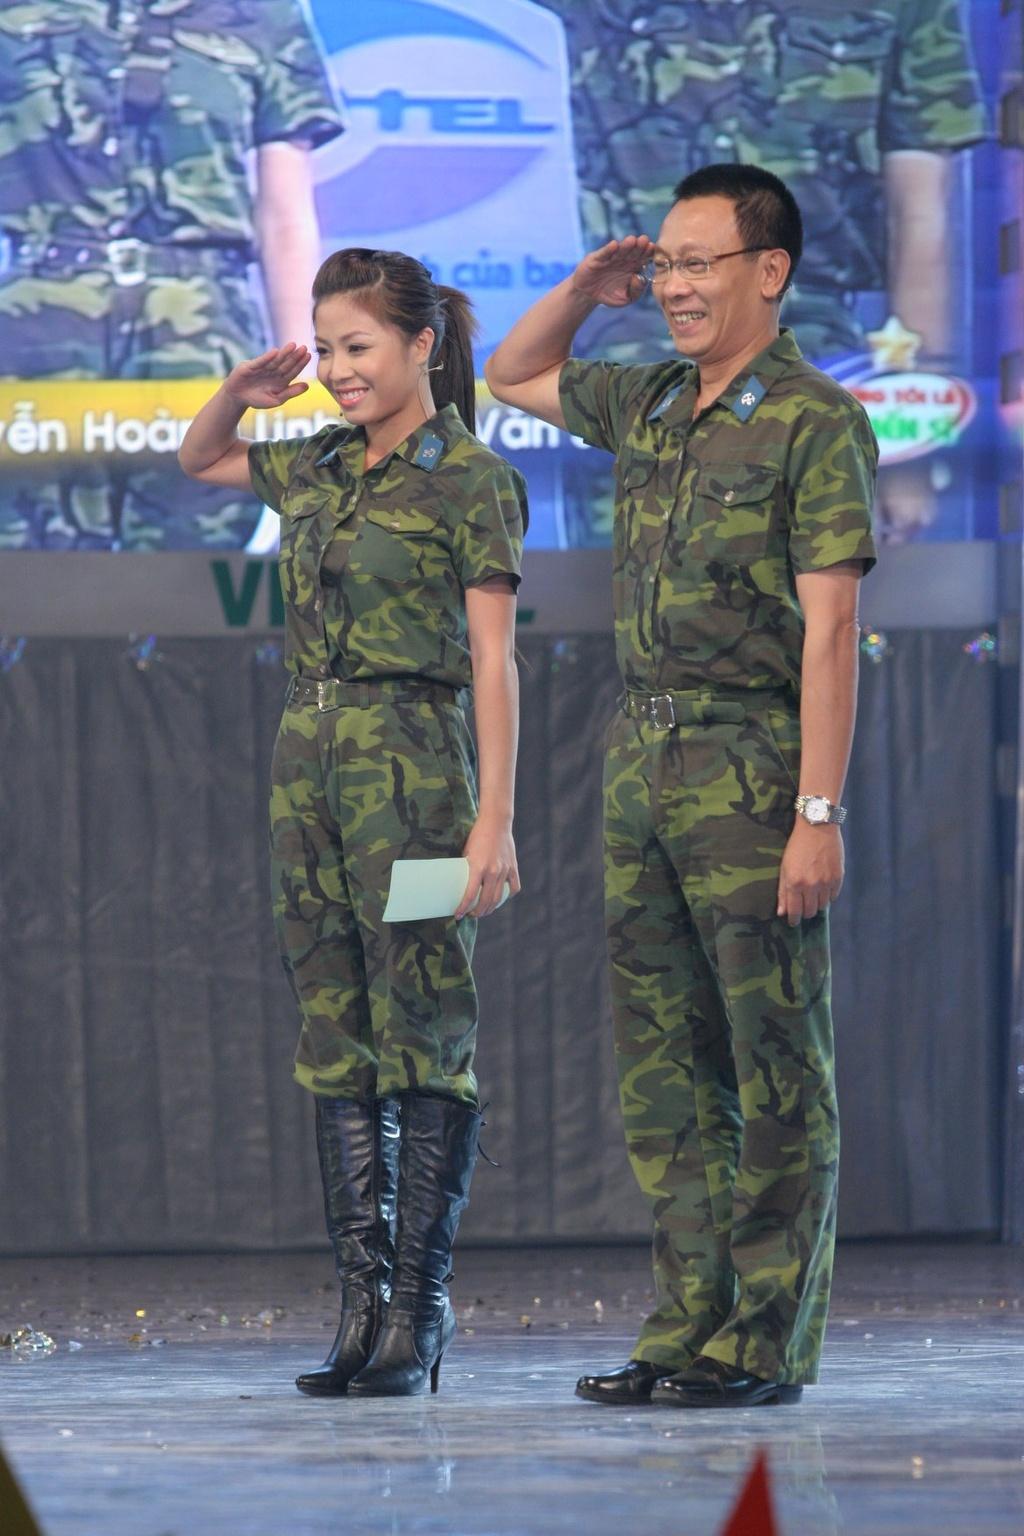 Hinh anh MC Lai Van Sam, Hoang Linh dan Chung toi la chien si tu 2006 hinh anh 11 null